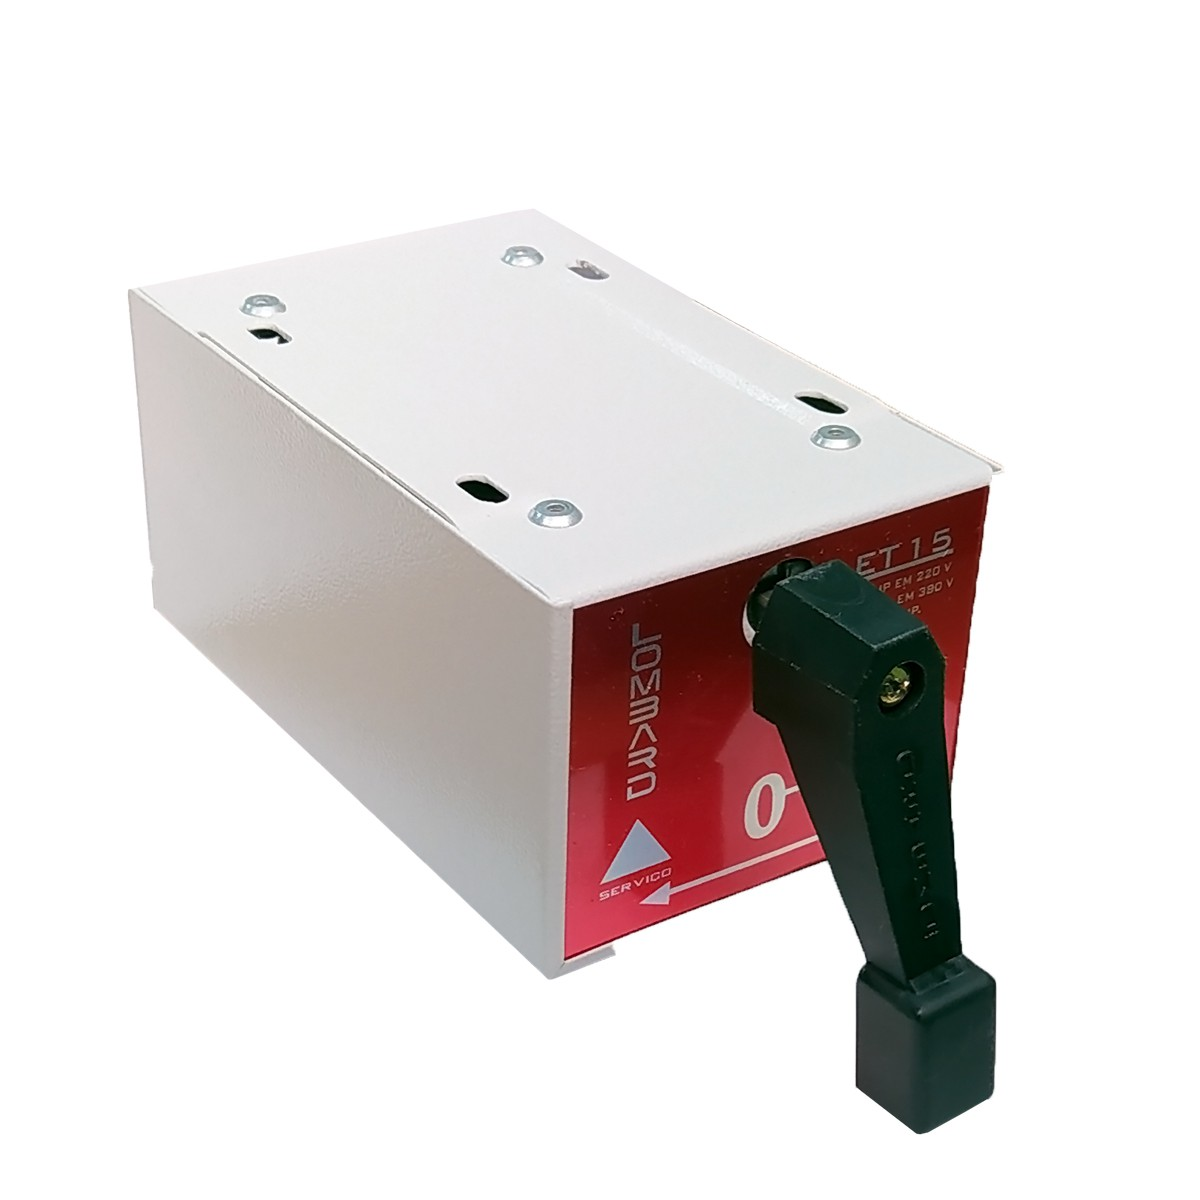 Chave Monofásica Série Paralela 10 Hp Cv 220V Msp-120 Lombard